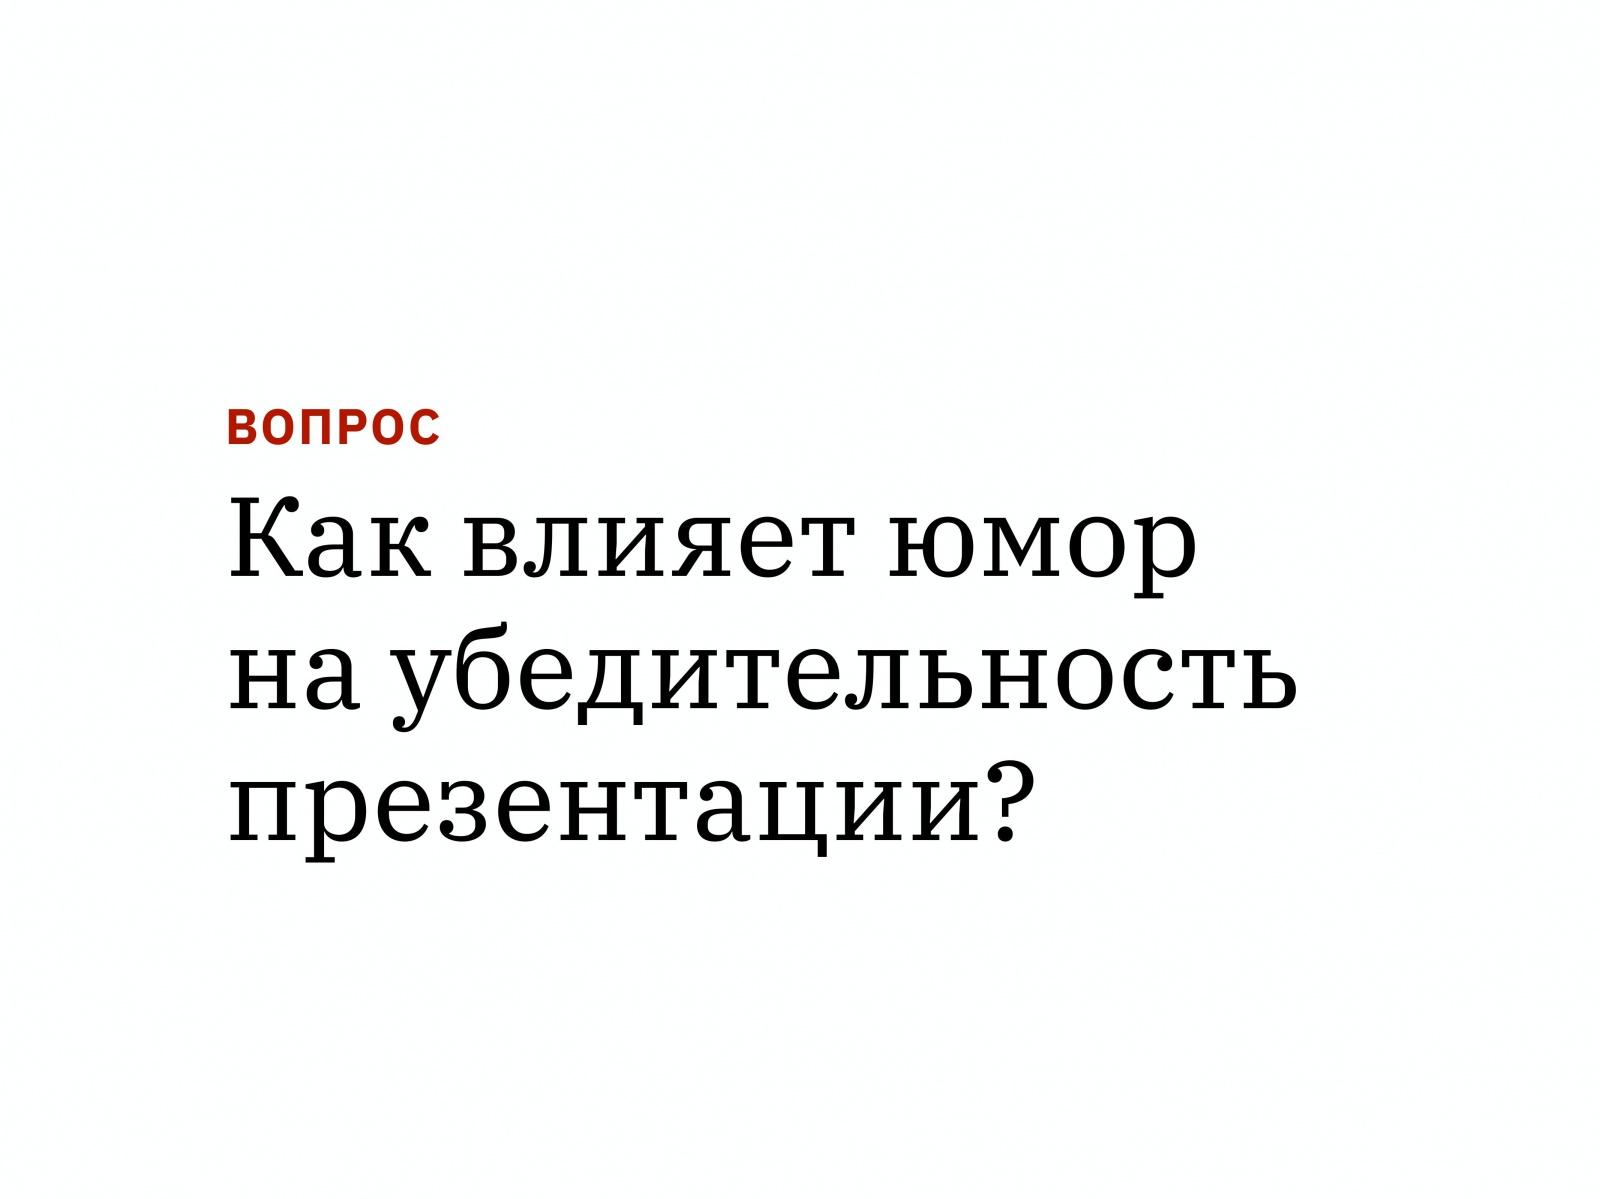 Алексей Каптерев: Критическое мышление 101 (часть 2) - 60